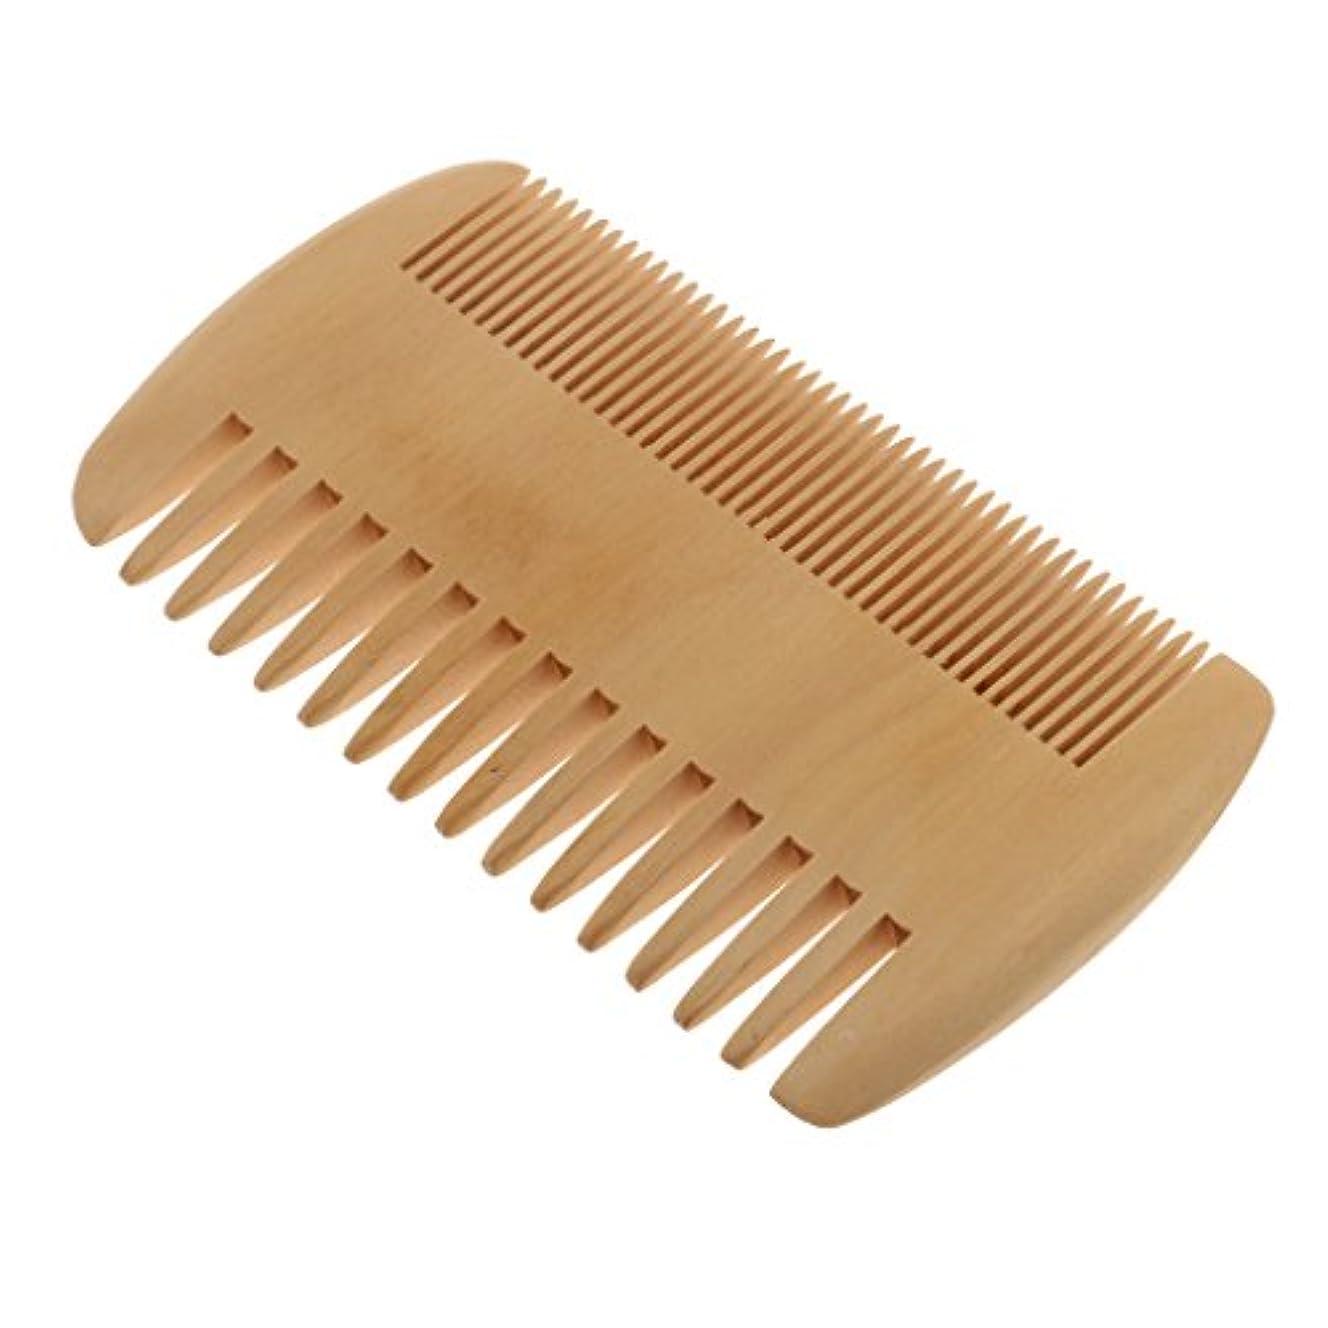 厚くする睡眠問題ハンドメイドの自然なモモ材長いおよび短いひげのための静的なくしのポケット無し滑らかな先端の毛のマッサージのブラシ